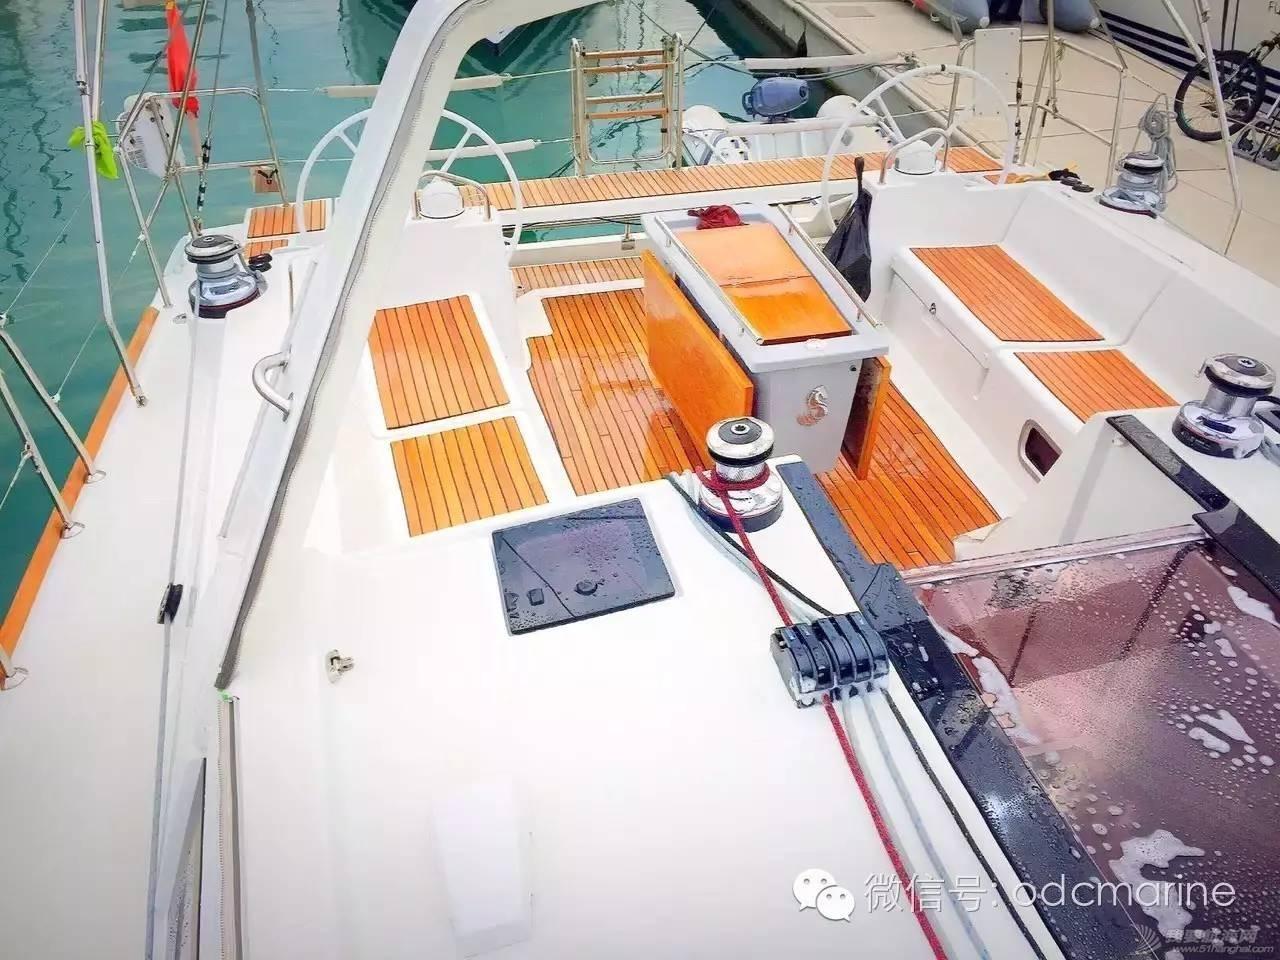 拉力赛 Sailing lifestyle丨这样的拉力赛很精彩 f9260785c166da29d208464cc09f9f3d.jpg